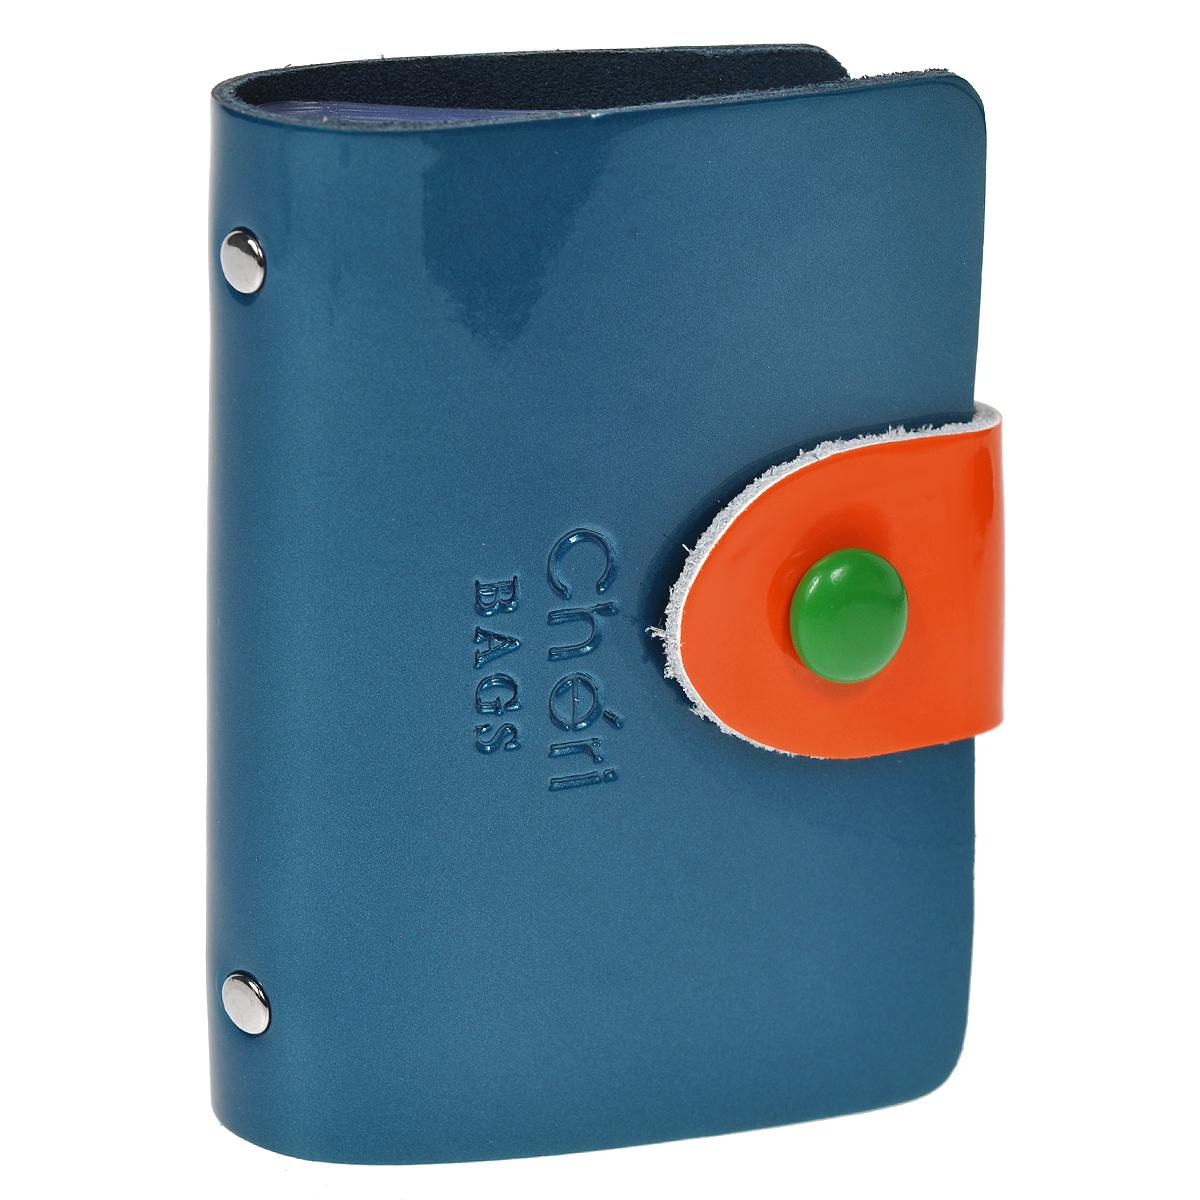 Визитница Cheribags, цвет: синий, оранжевый. V-0499-15B16-11416Элегантная визитница Cheribags - стильная вещь для хранения визиток. Визитница выполнена из натуральной лаковой кожи, закрывается с помощью хлястика на металлическую кнопку. Внутри содержит блок из мягкого пластика, рассчитанный на 26 визиток. Такая визитница станет замечательным подарком человеку, ценящему качественные и практичные вещи.